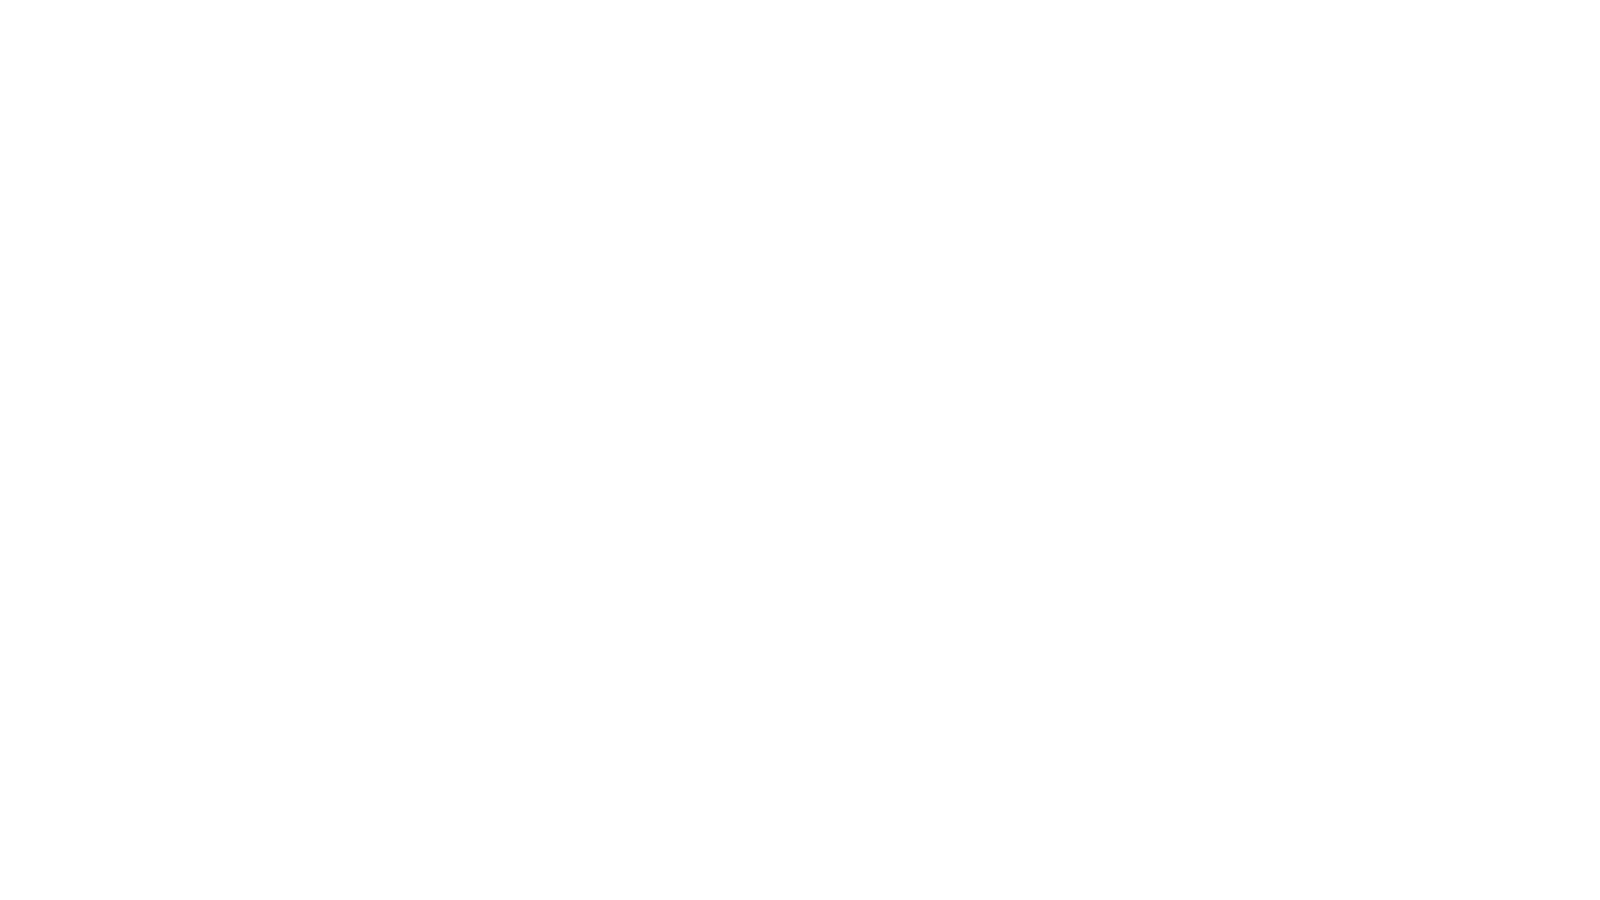 """#大陸生活 #湖州 #旅遊 #湖州旅遊 #練市老街 #練市古鎮 「練市鎮」,與桐鄉只有一路之隔,具有二千多年的歷史,文化古蹟眾多。 免門票,環境很寧靜,港叉如織,河寬水深,盛産魚蝦和桑繭。 水鄉的市鎮、村莊、居民、石橋或伴水而栖或迎流而建。 蠶繭和湖羊是練市鎮二大特色,被譽為""""中國蠶繭之鄉""""。 湖羊羔羊皮更是光潤潔白,以""""東方軟寶石""""之美稱譽滿國際裘皮市場。   點擊文章連結看全文→https://user38311.psee.io/3ee7z2"""